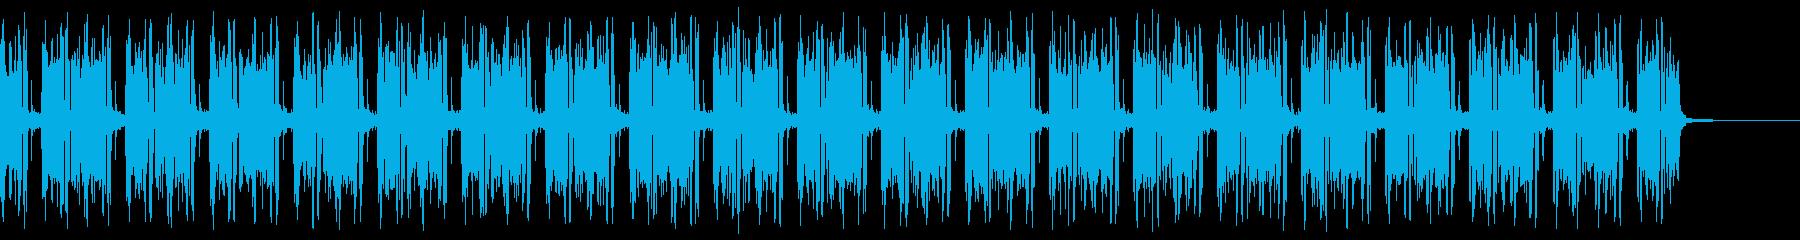 不穏で危険な雰囲気の漂うBGMの再生済みの波形